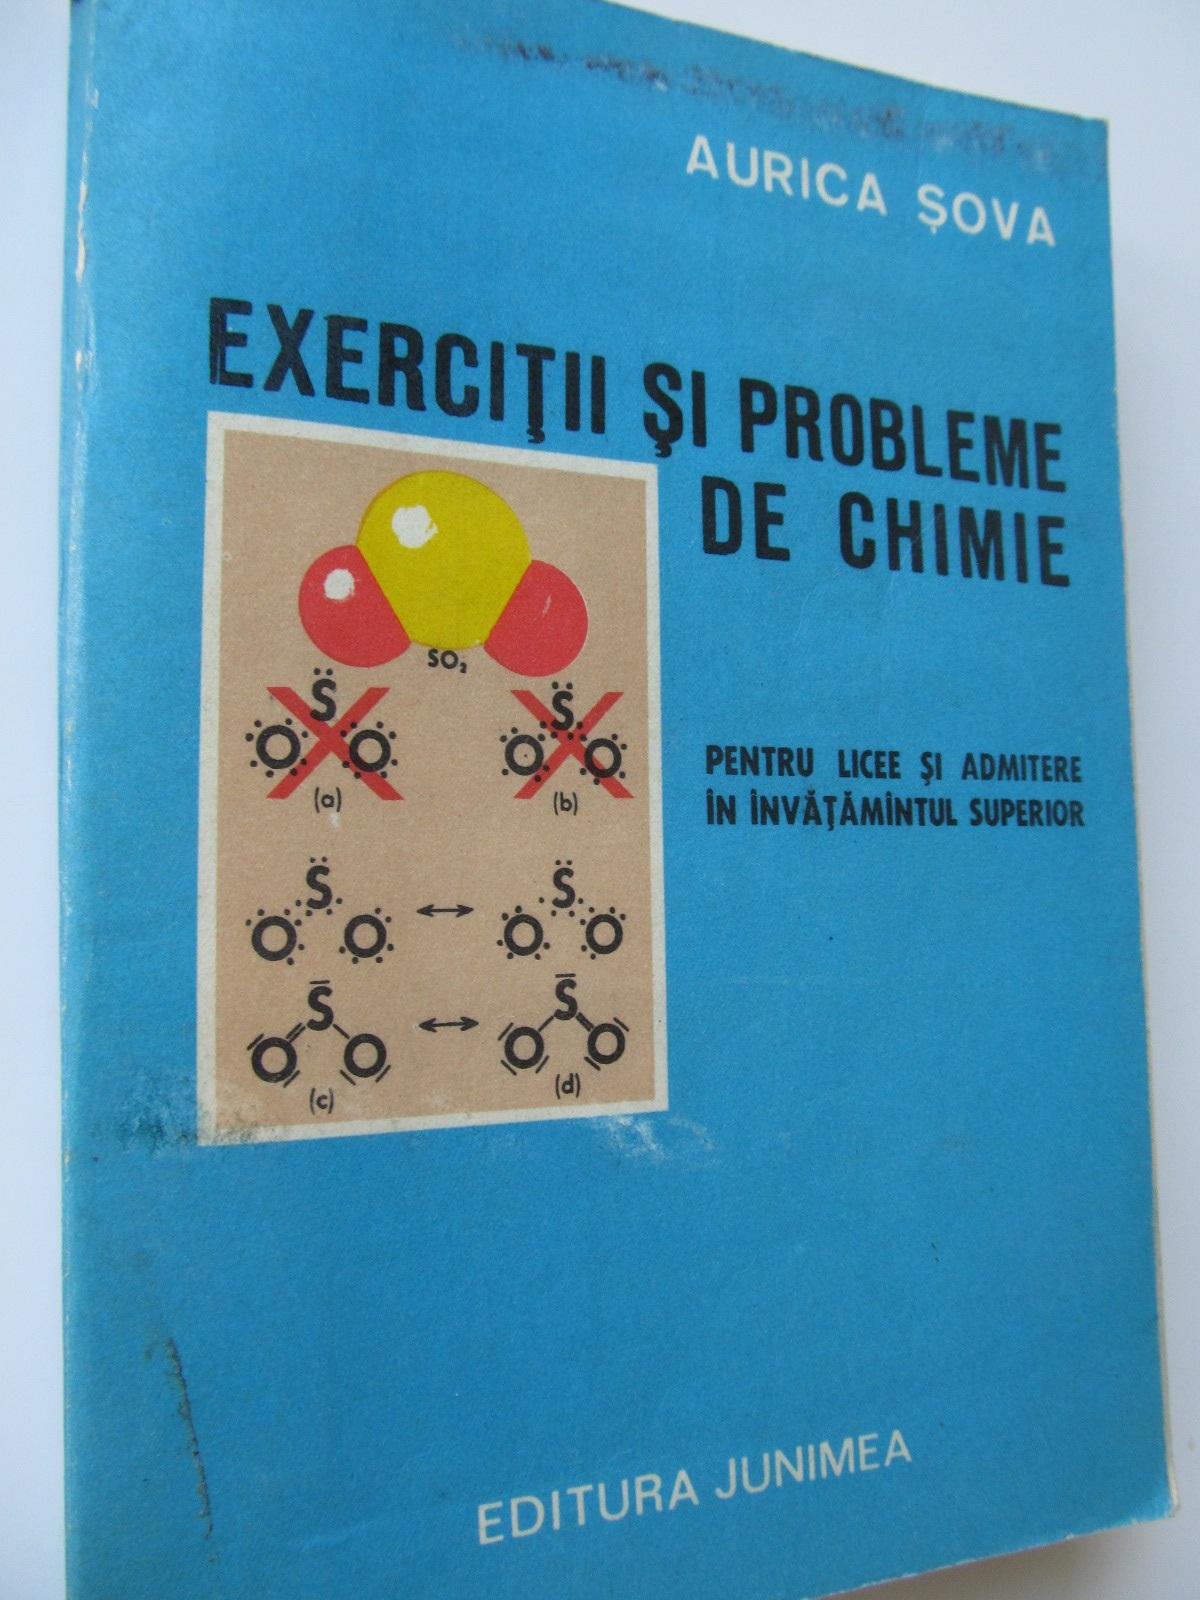 Exercitii si probleme de chimie pentru licee si admitere - Aurica Sova | Detalii carte